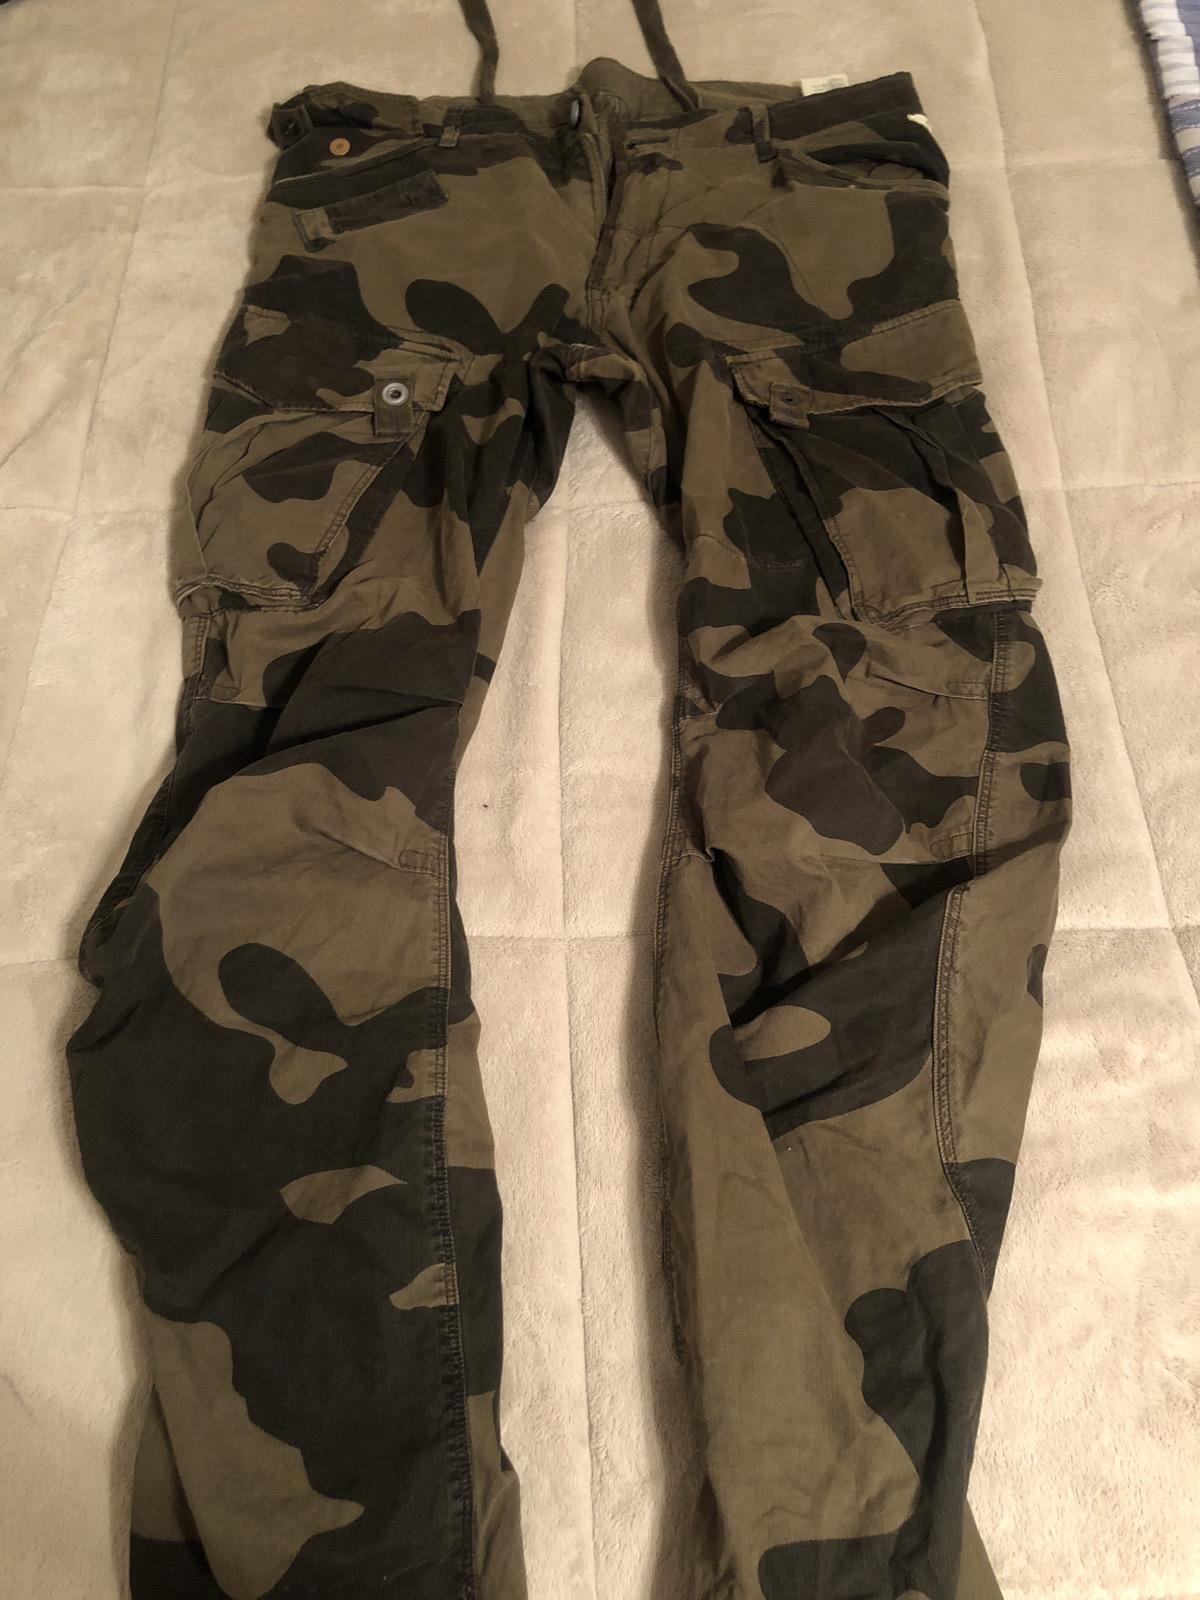 Velsete G Star Raw Camo G Star Cargo Pants | Grailed JP-97